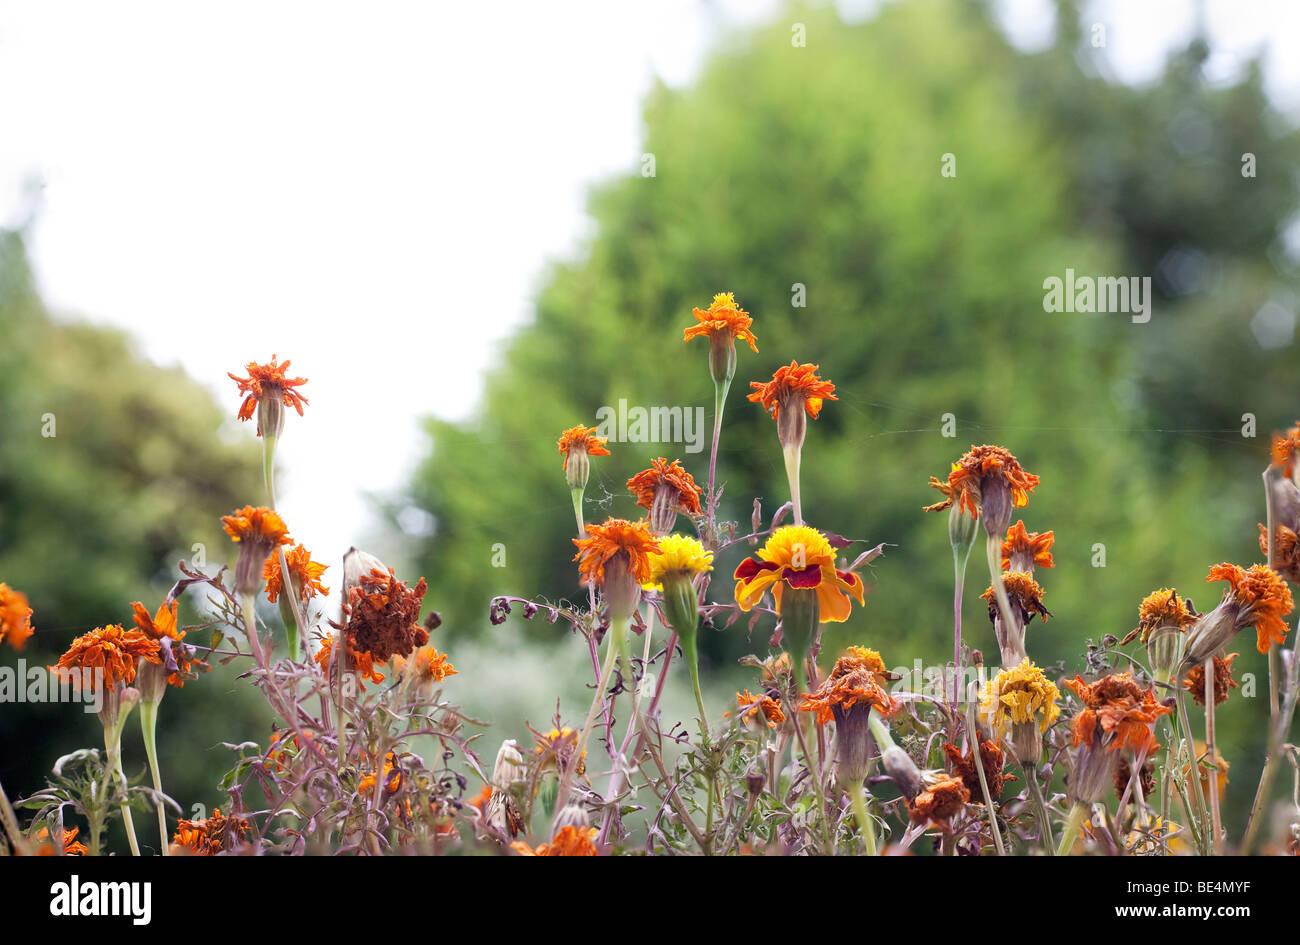 Nett Sterbende Blumen Mit Lebensmittelfarbe Fotos - Malvorlagen ...